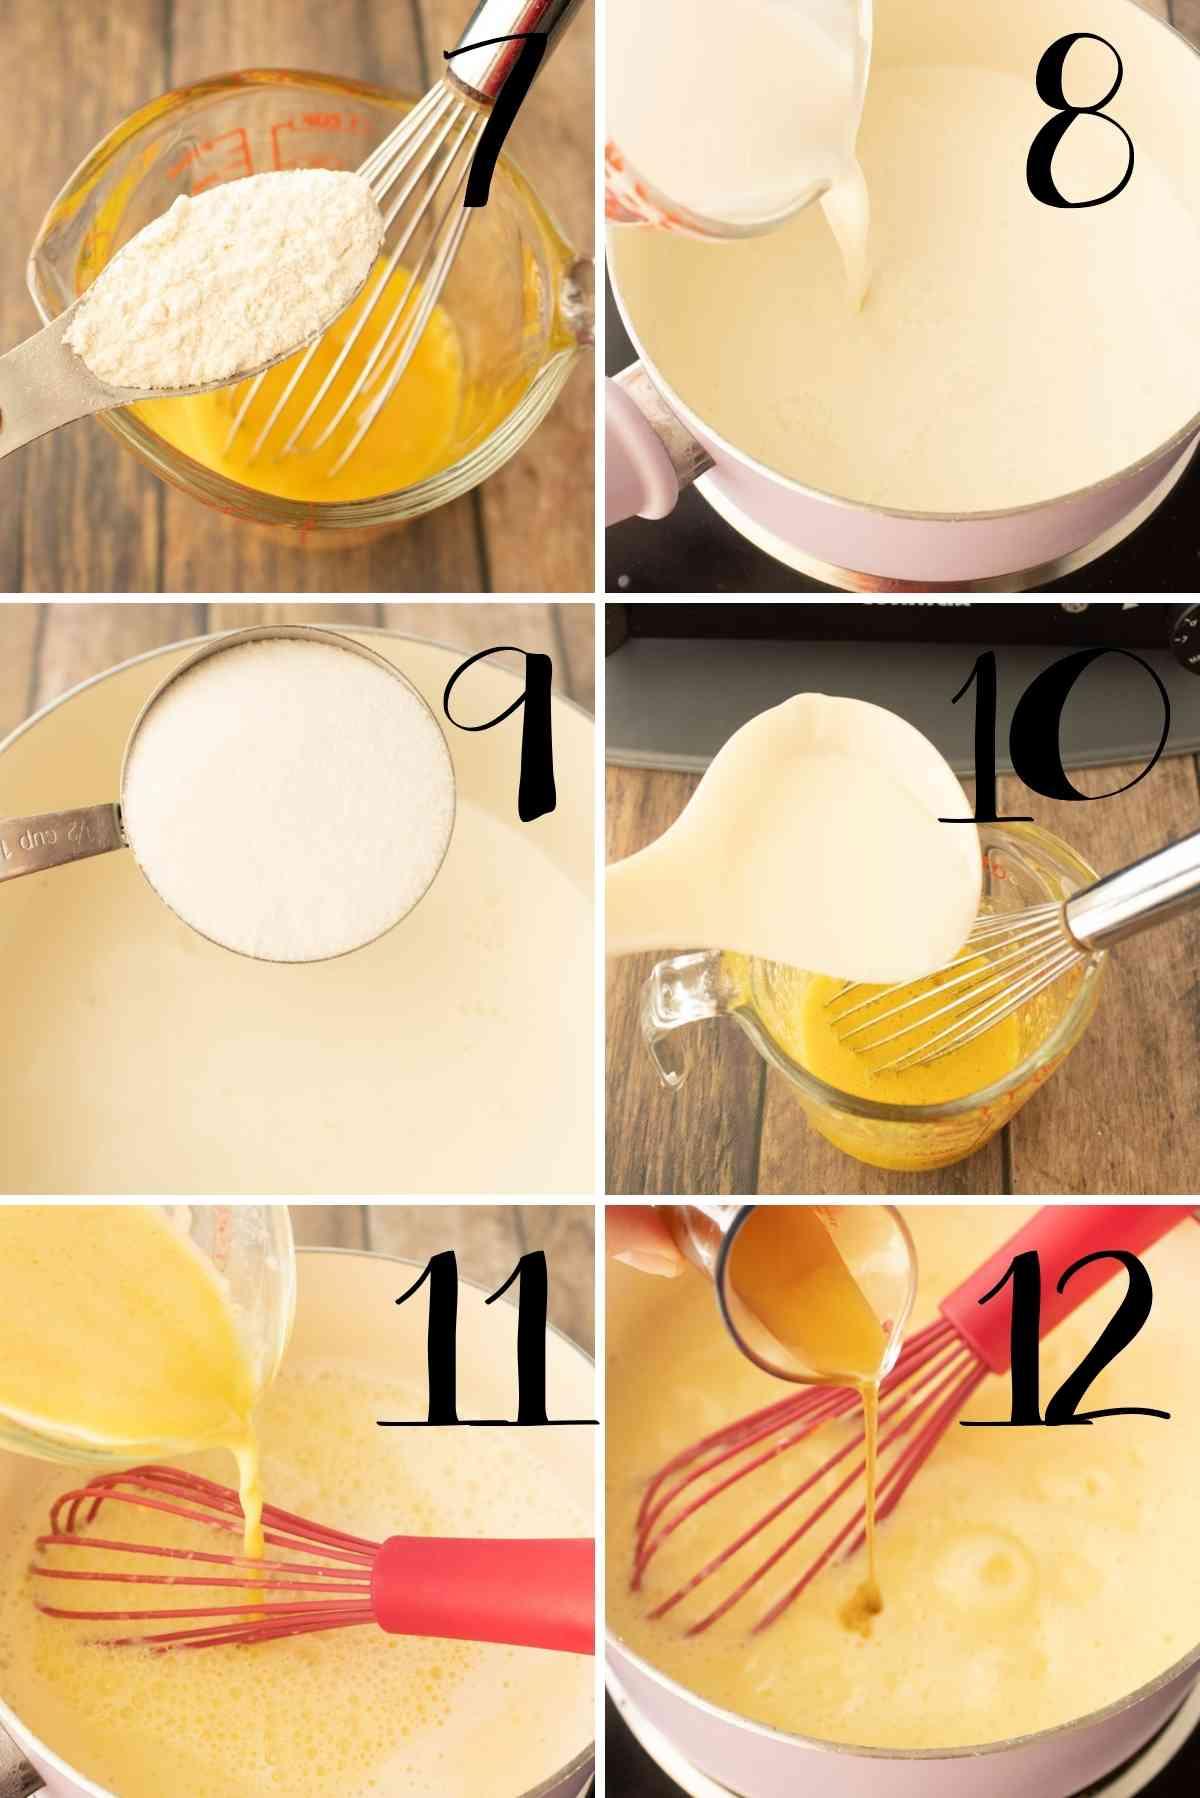 Making the vanilla sauce.